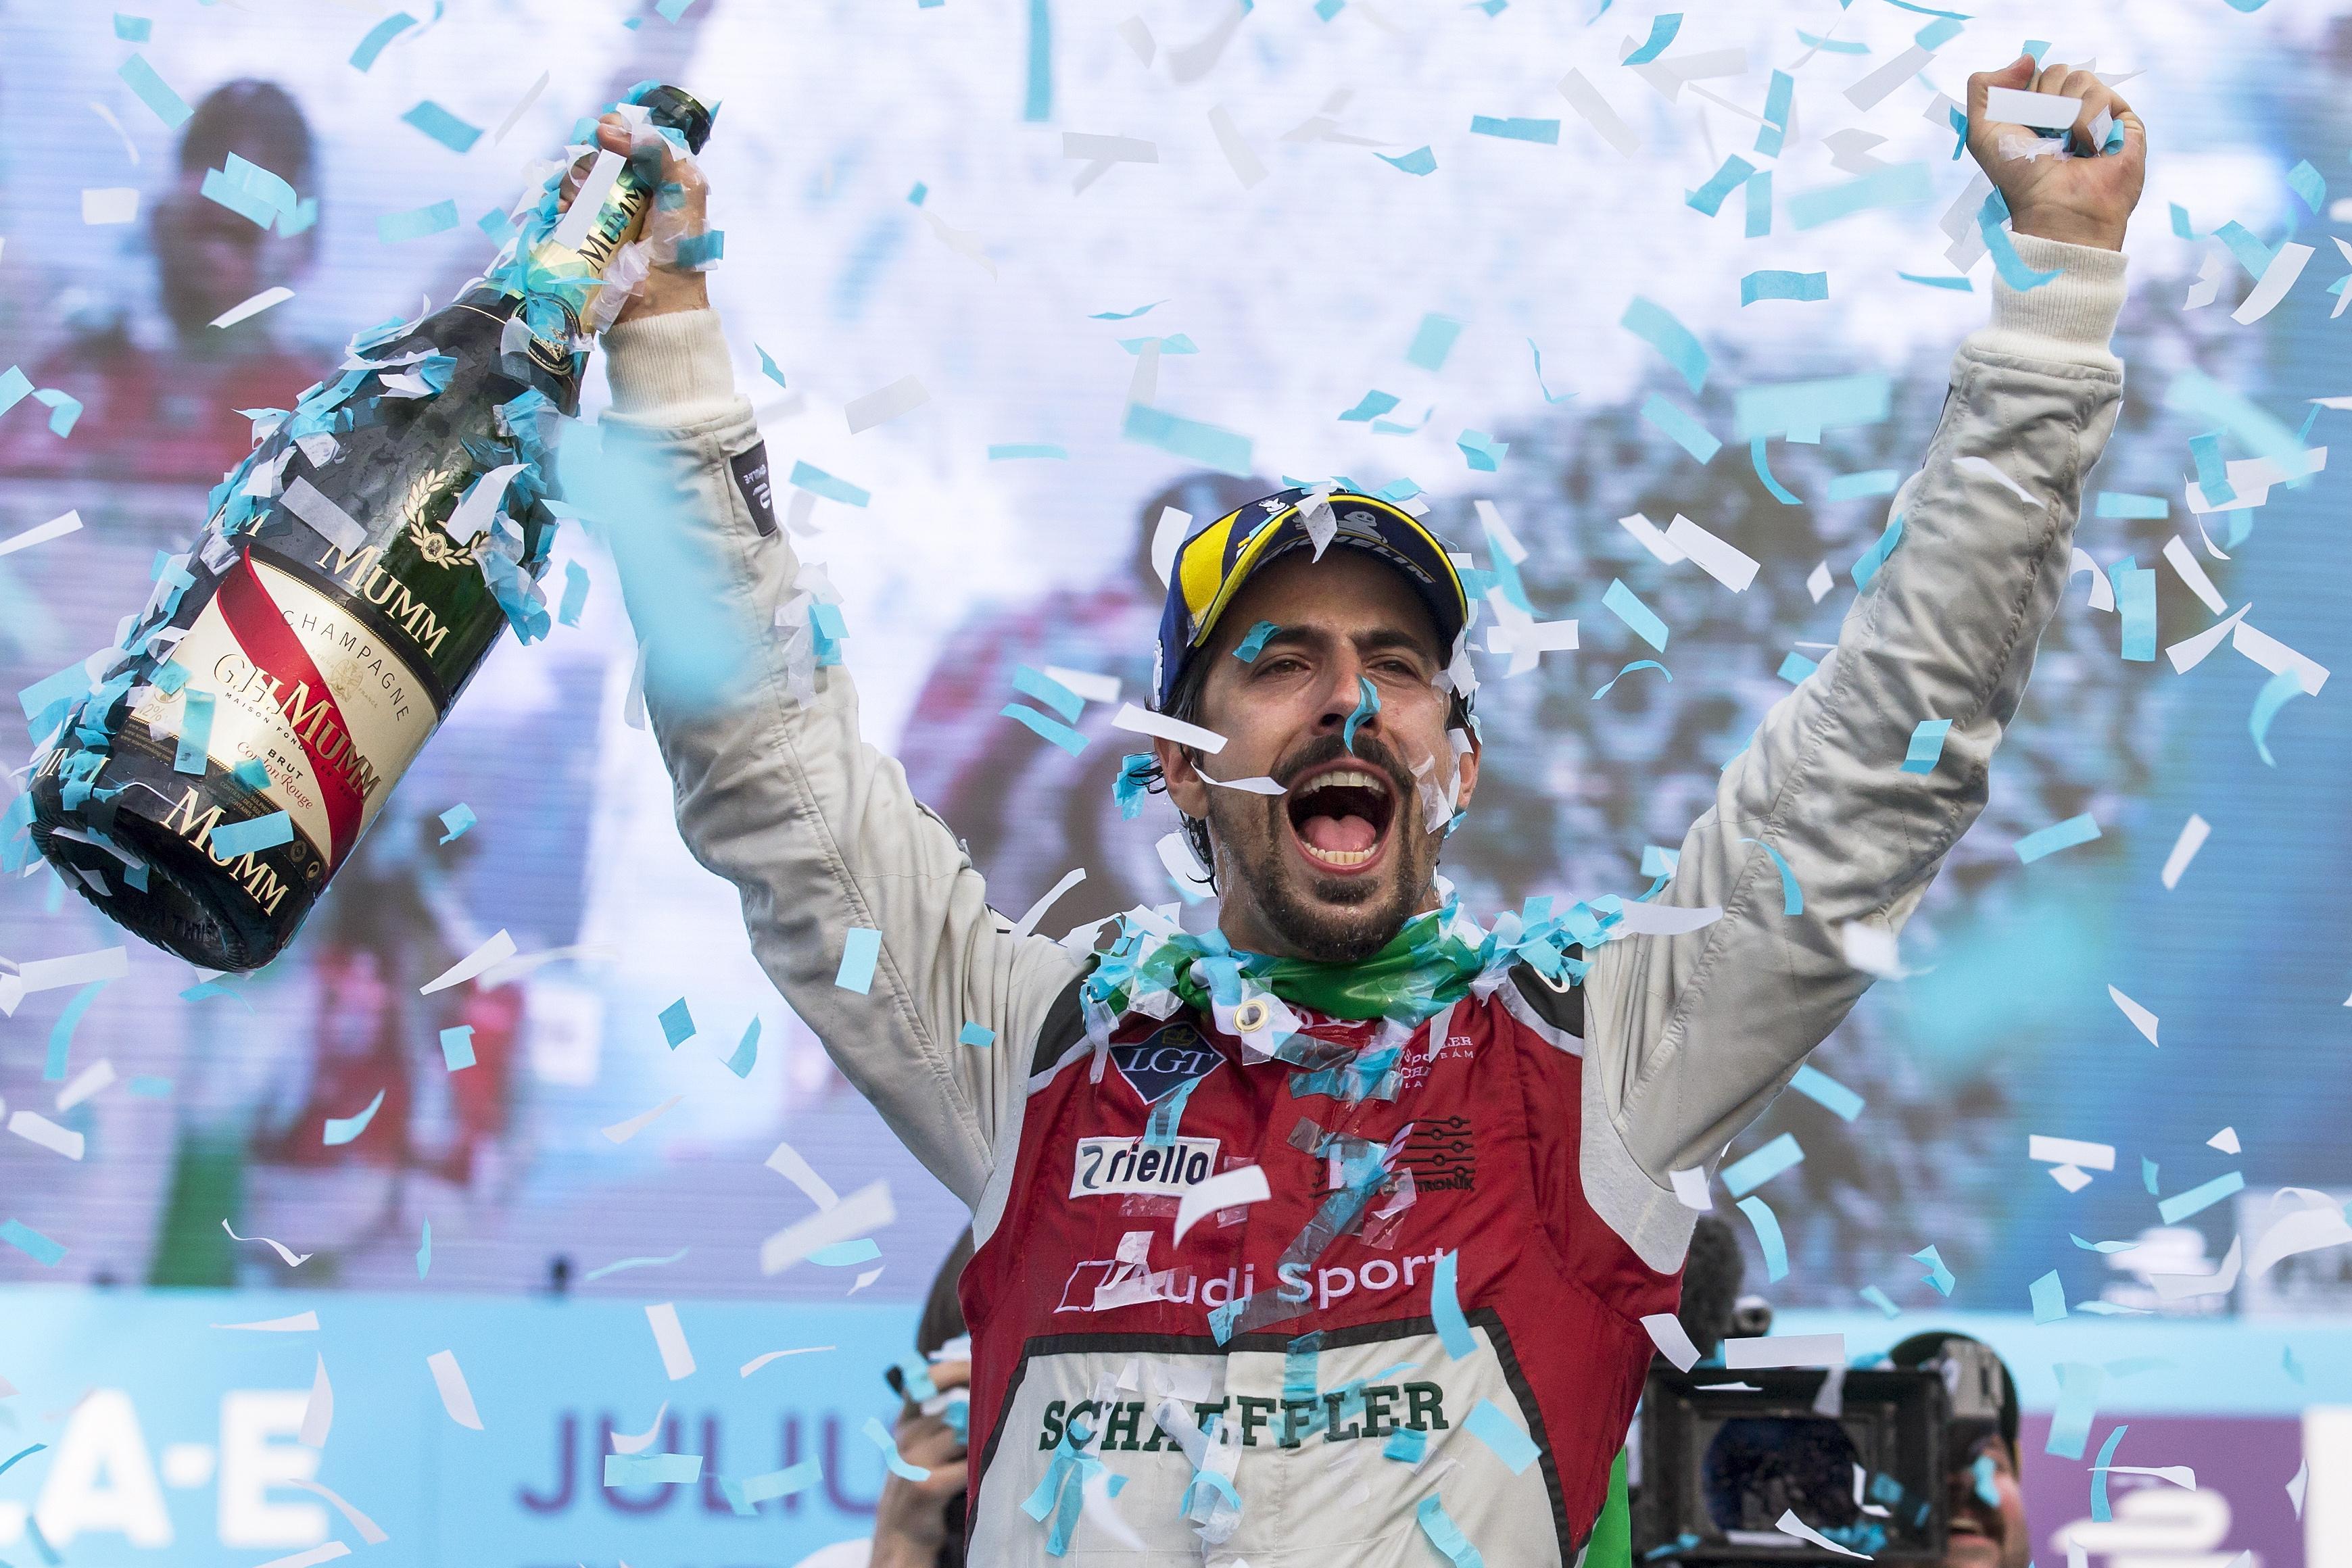 Former Formula E champion Lucas Di Grassi celebrated his first win of the season